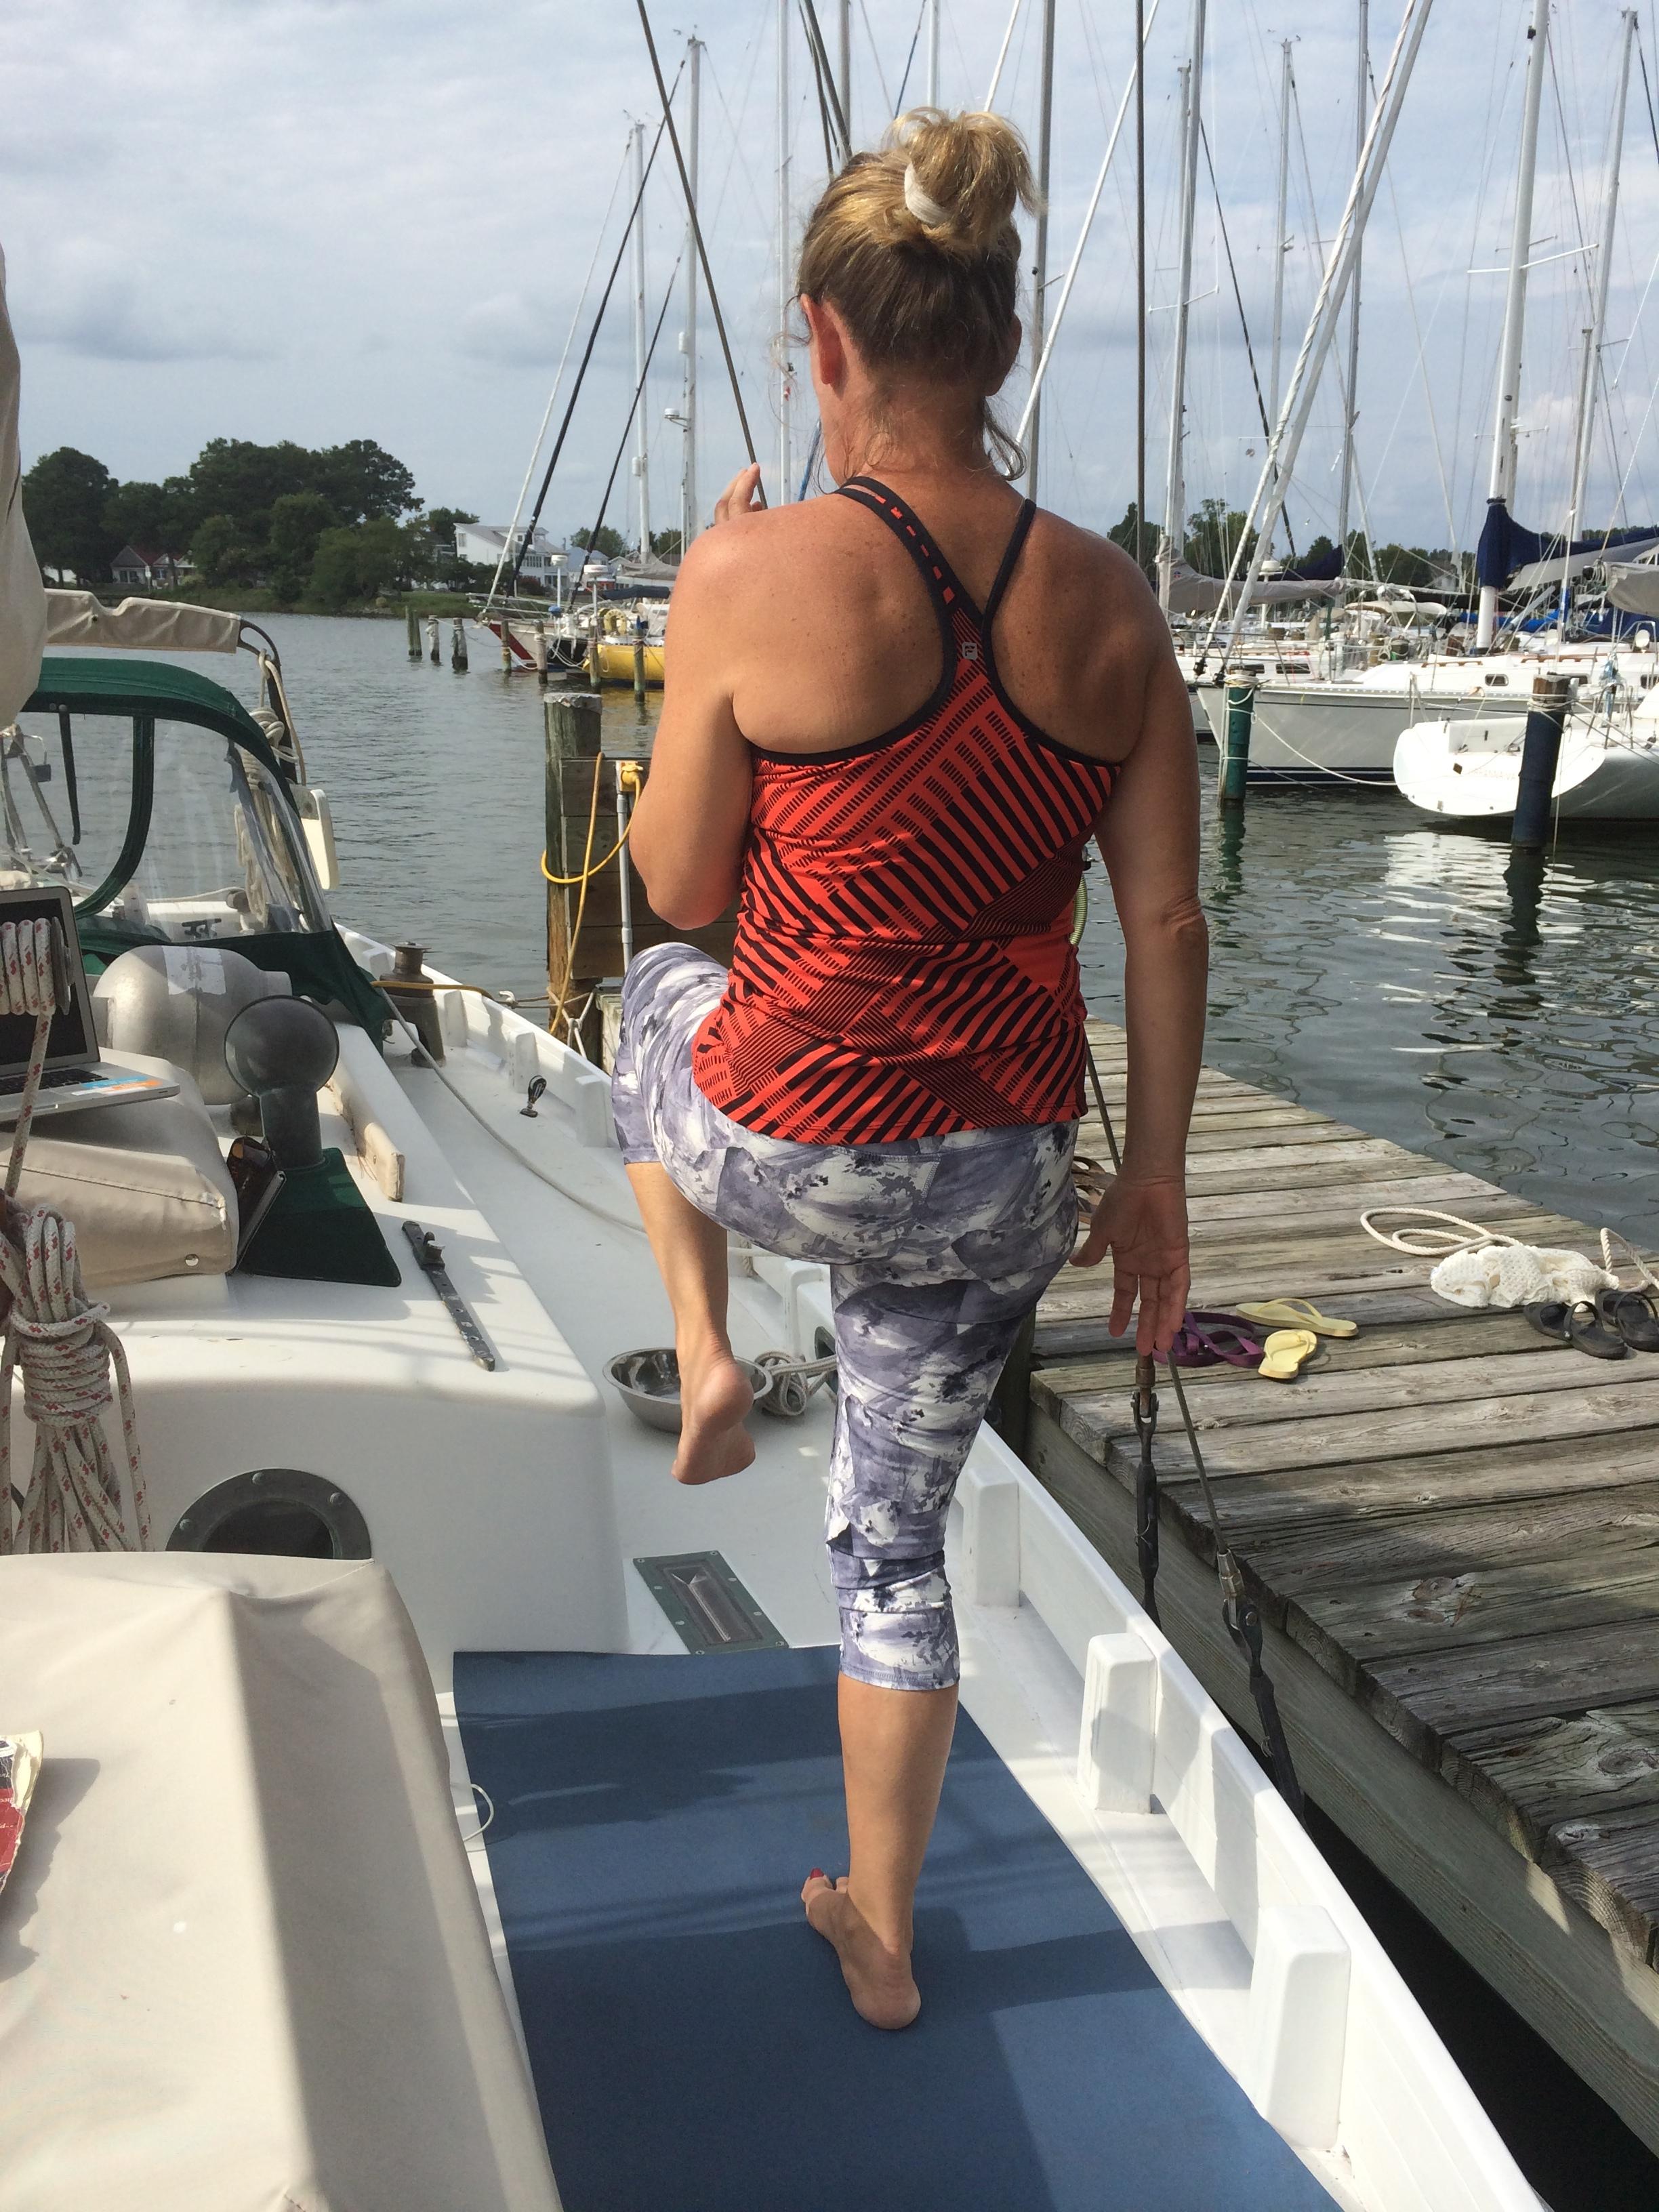 Dock fitness on board.